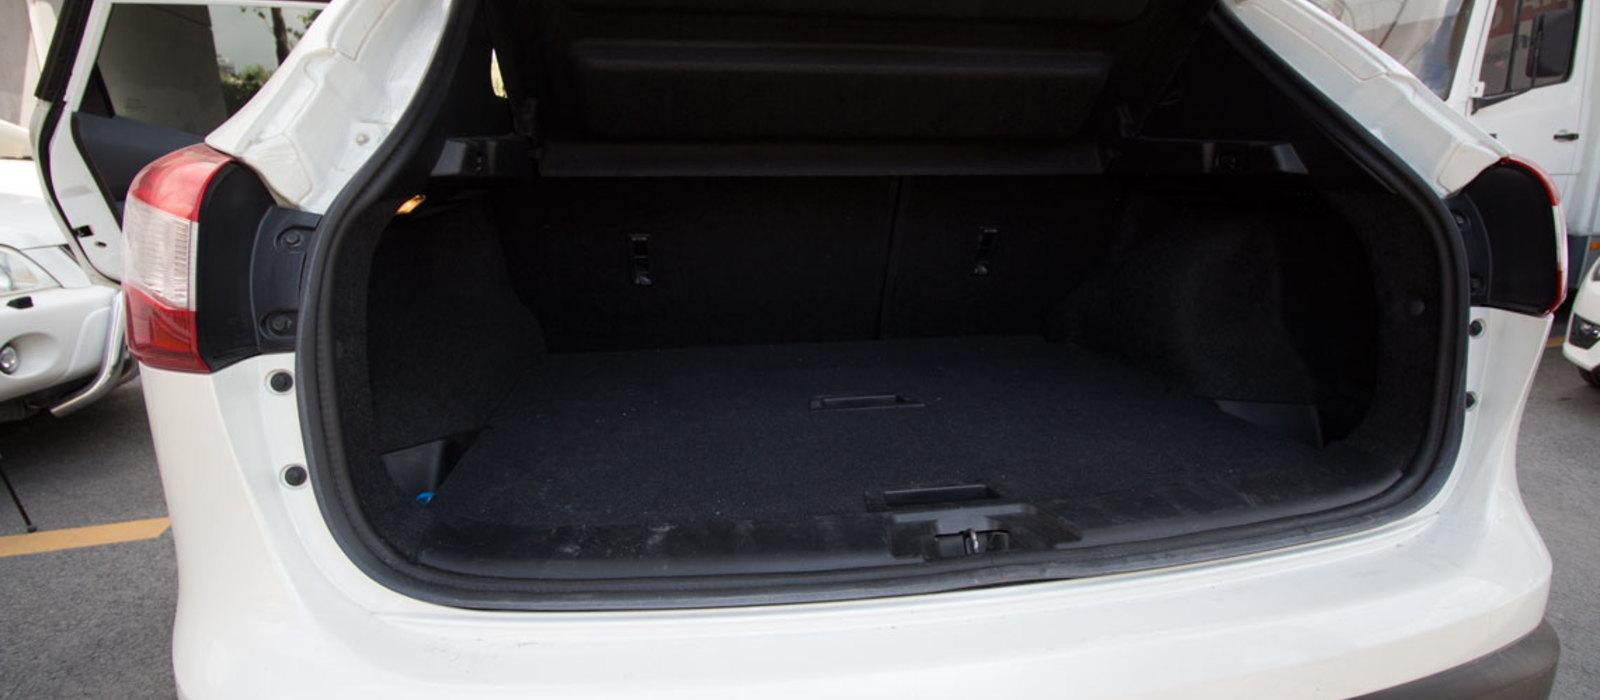 ikinci el araba 2016 Nissan Qashqai 1.6 dCi Tekna Sky Pack Dizel Otomatik 34210 KM 8